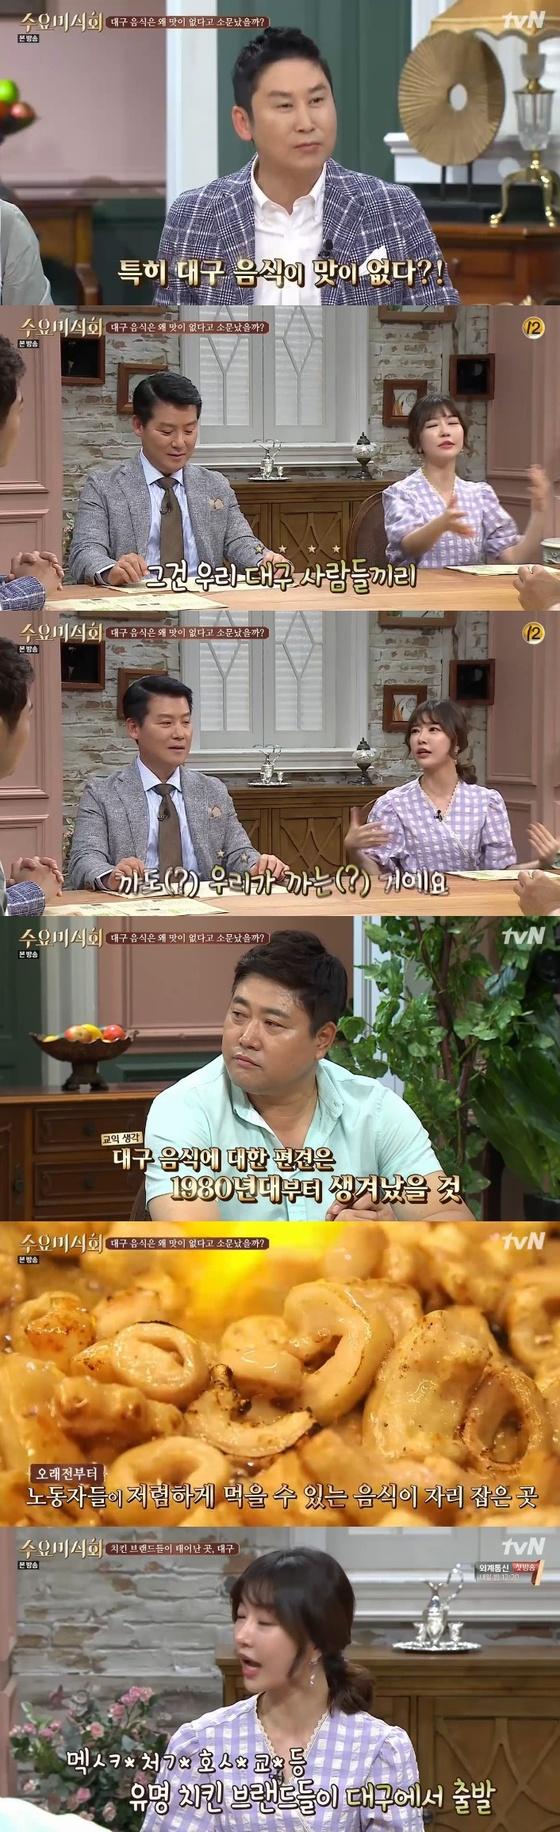 """'수요미식회' 레이디제인 """"'대구 음식 맛 없다' 우리끼리 하는 말"""" 버럭"""